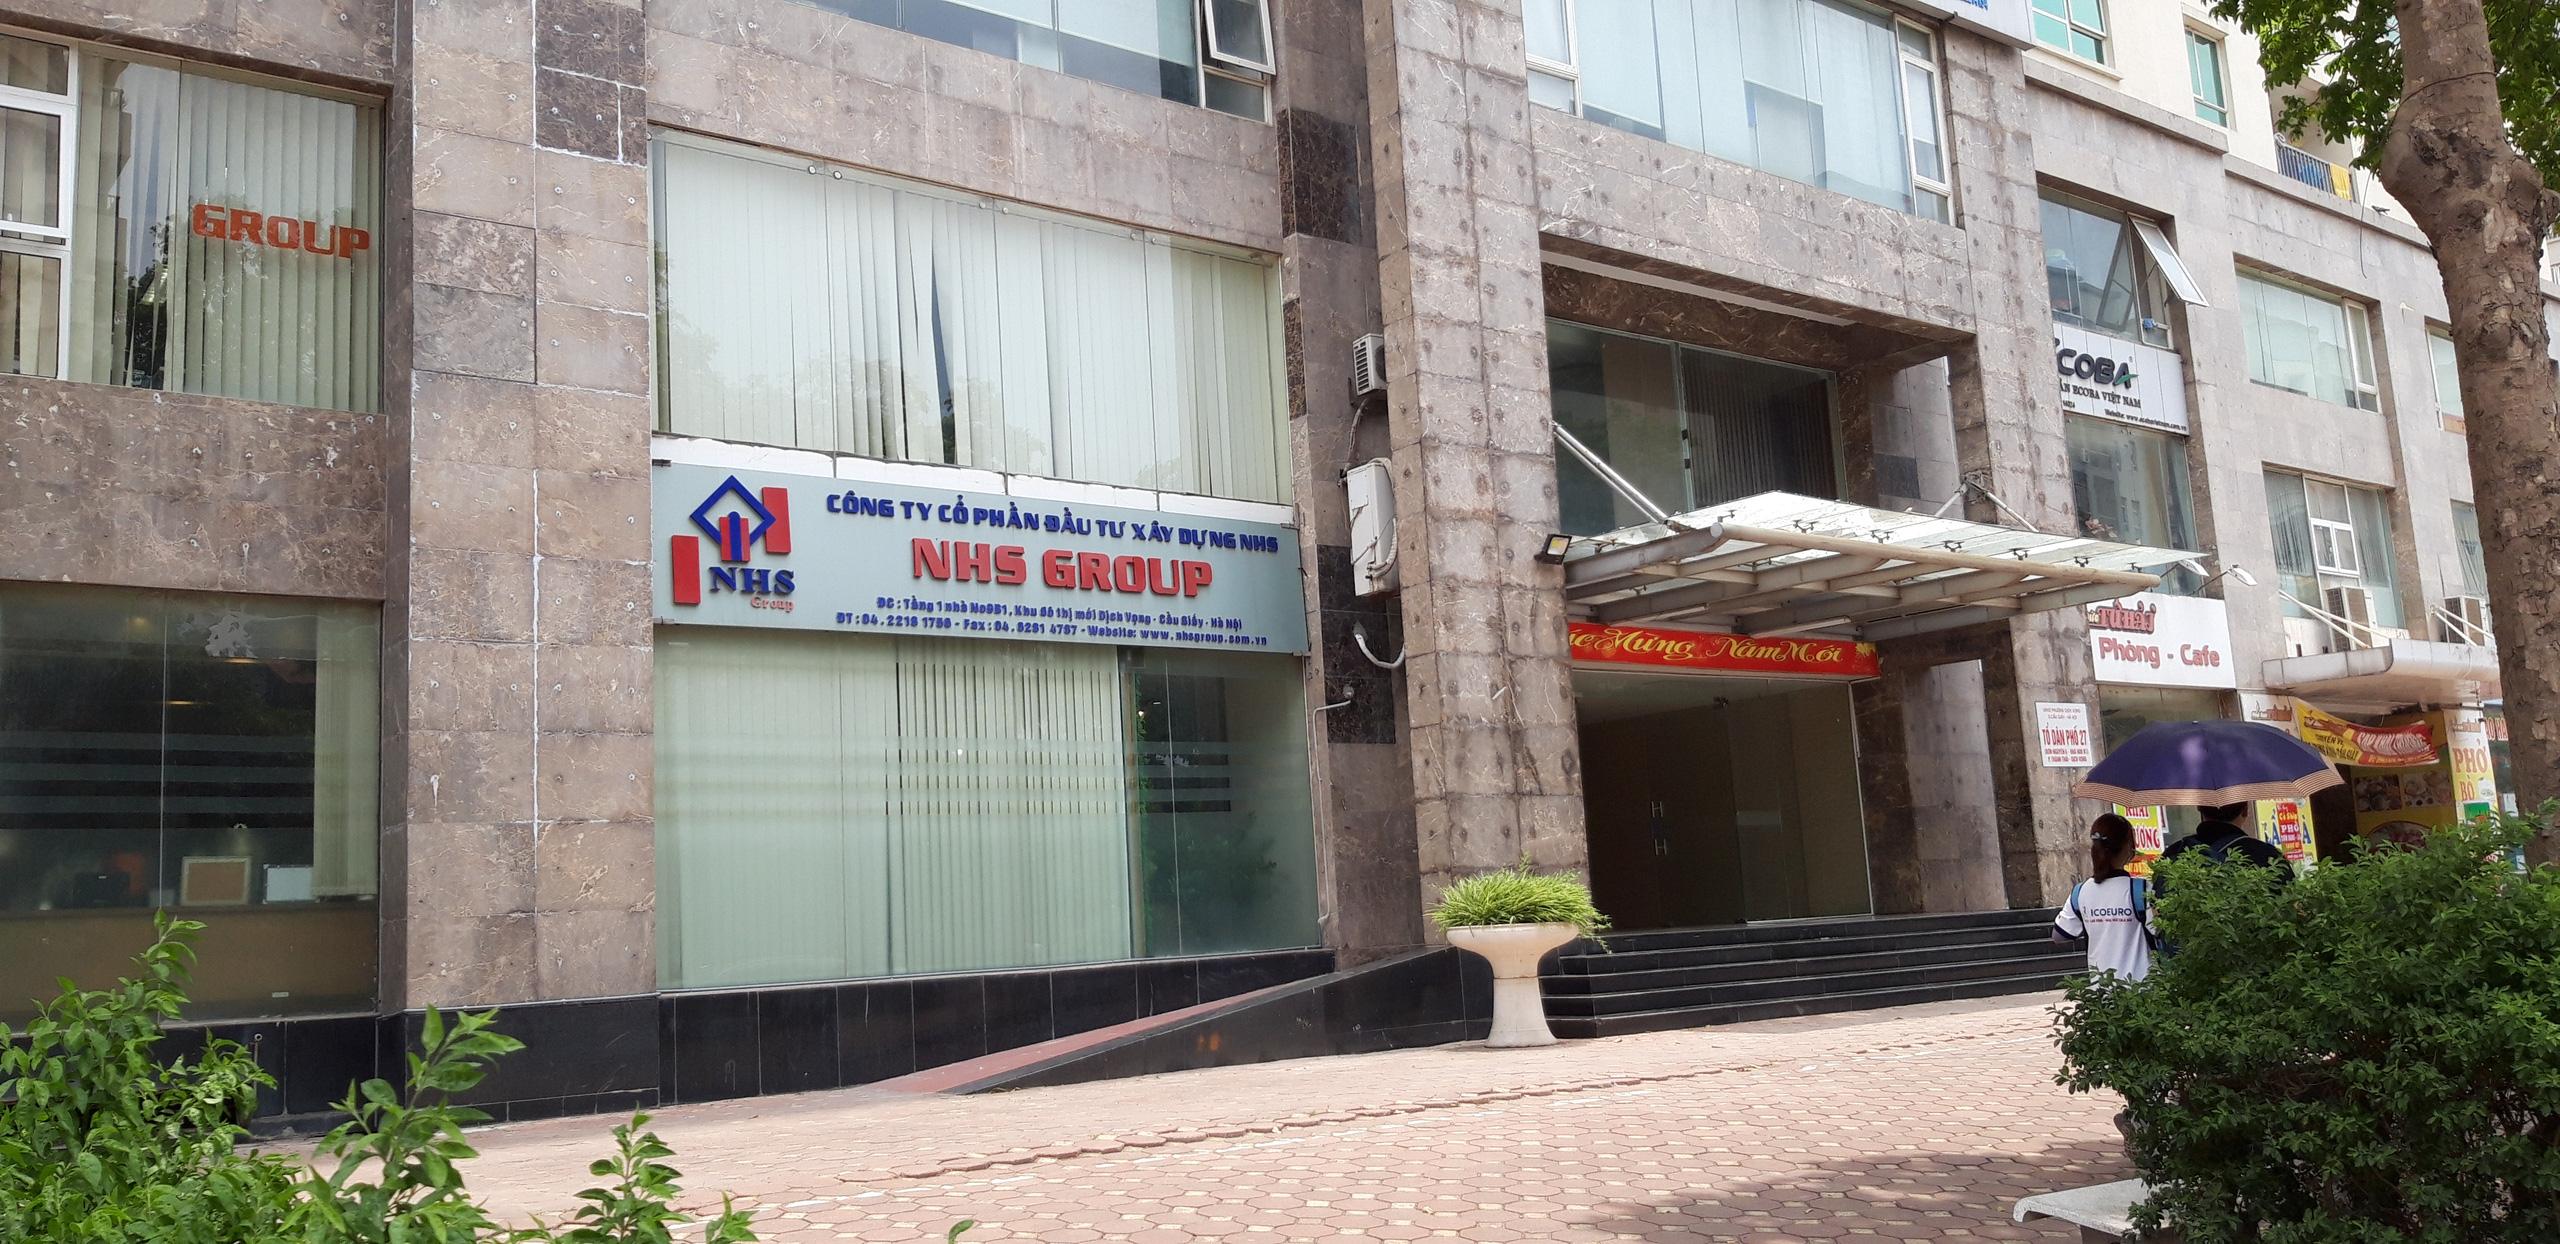 Bán và cho thuê 41 căn nhà ở xã hội gần tuyến metro số 3 Hà Nội  - Ảnh 1.